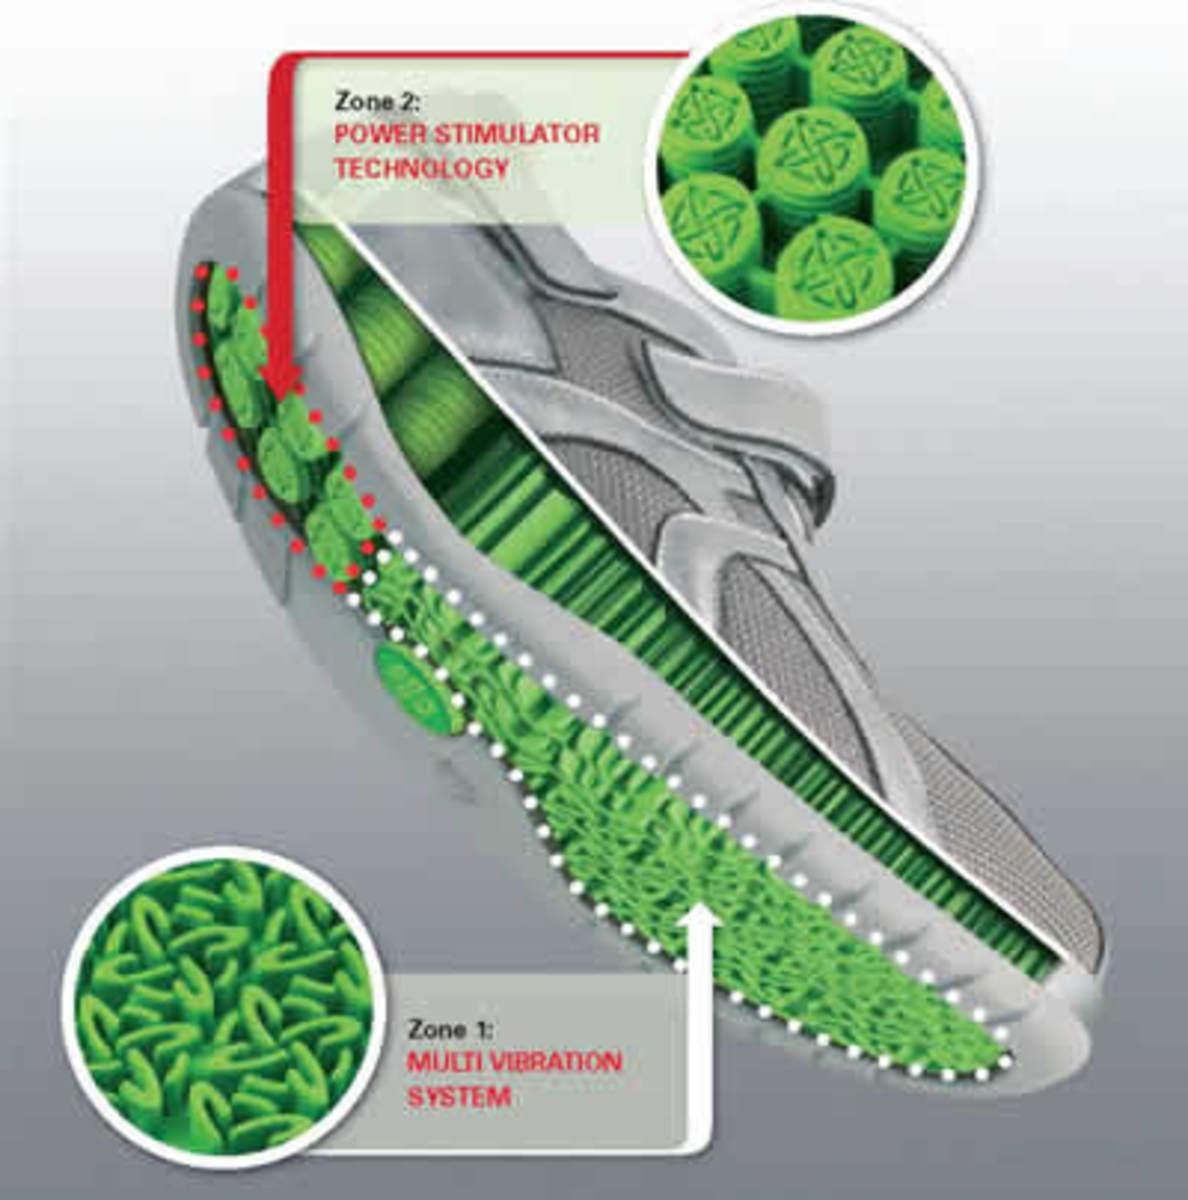 Power stimulating vibrating shoes